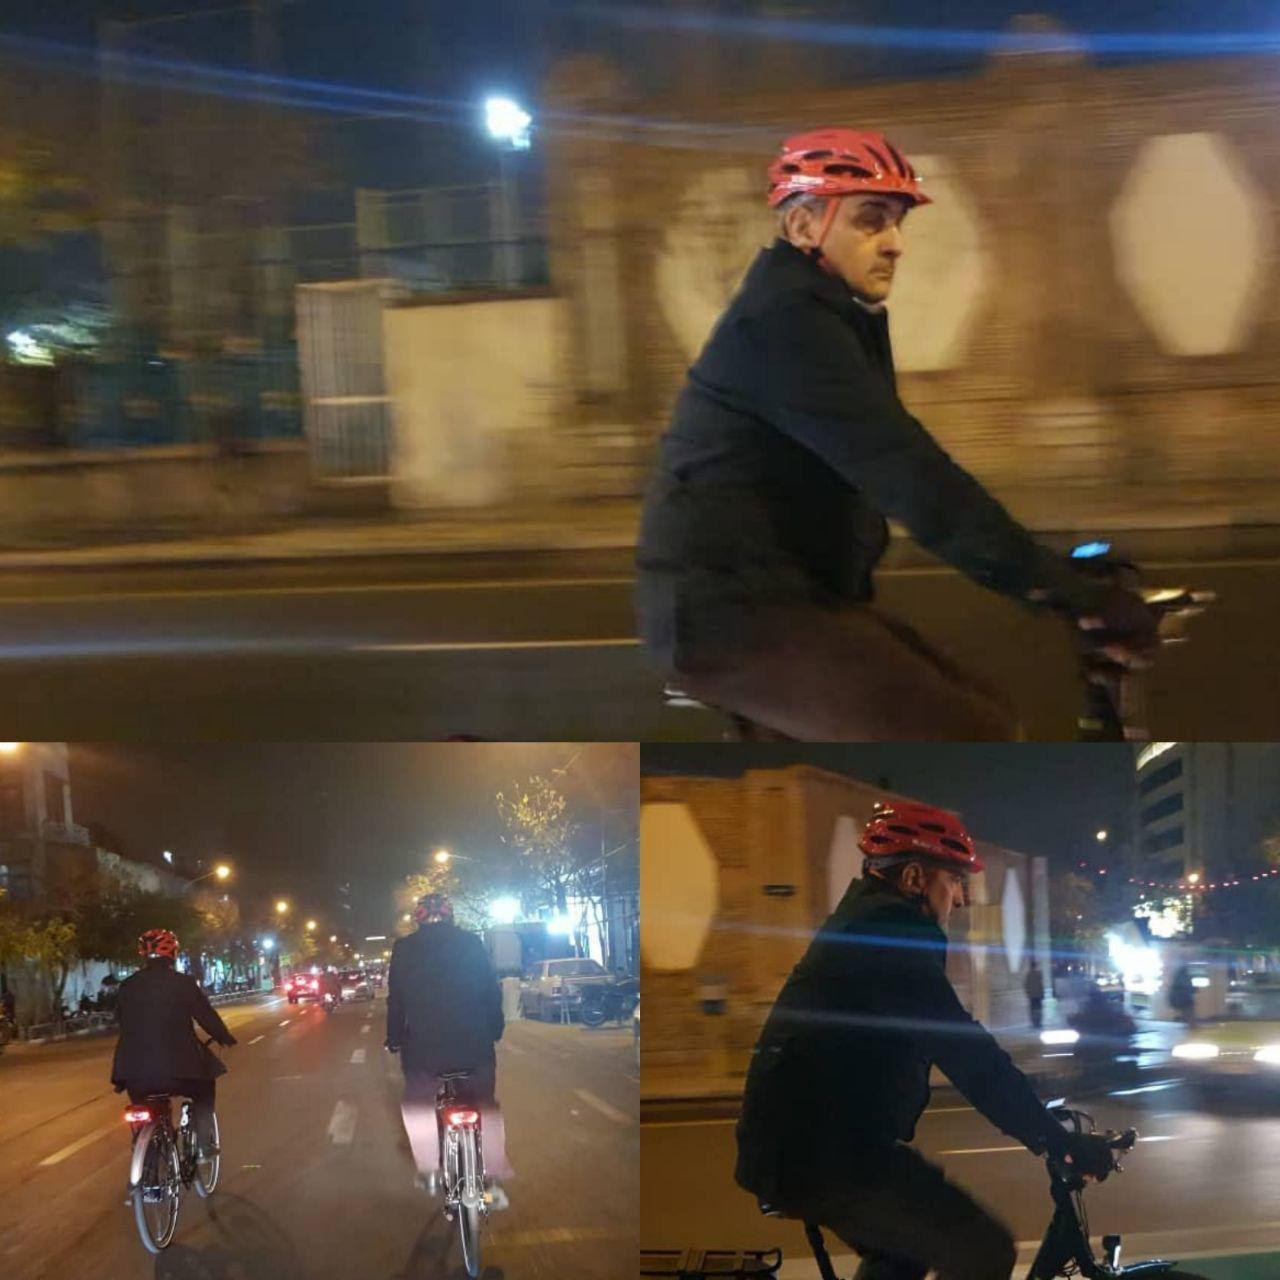 شهردار تهران با دوچرخه در مسیر برگشت به خانه